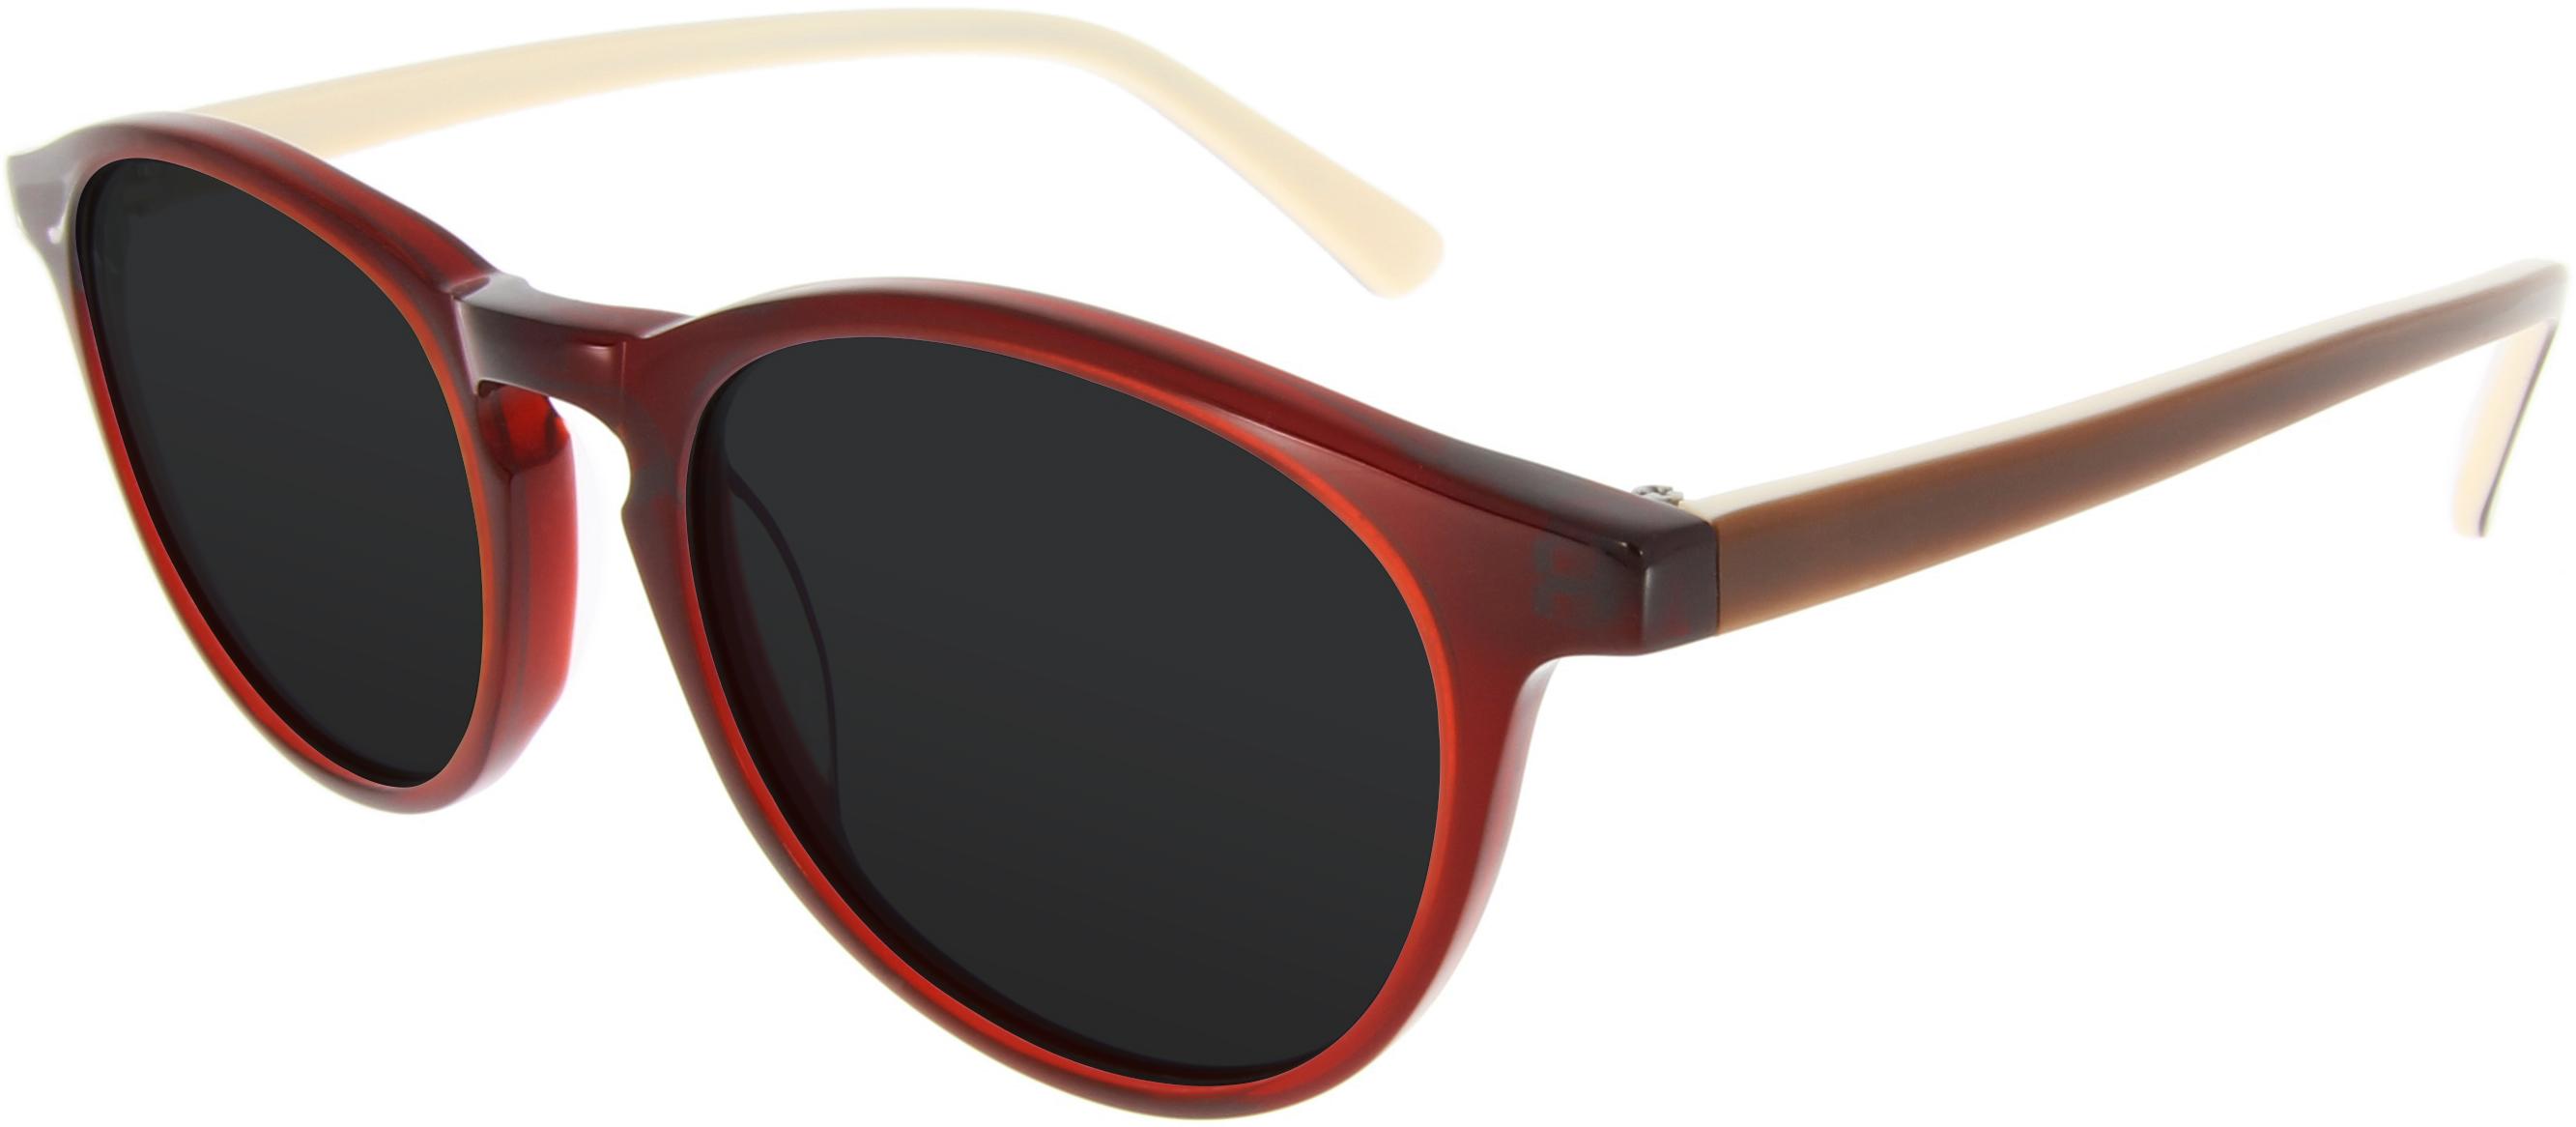 73 schmale sonnenbrille mit runden gl sern 39 90. Black Bedroom Furniture Sets. Home Design Ideas